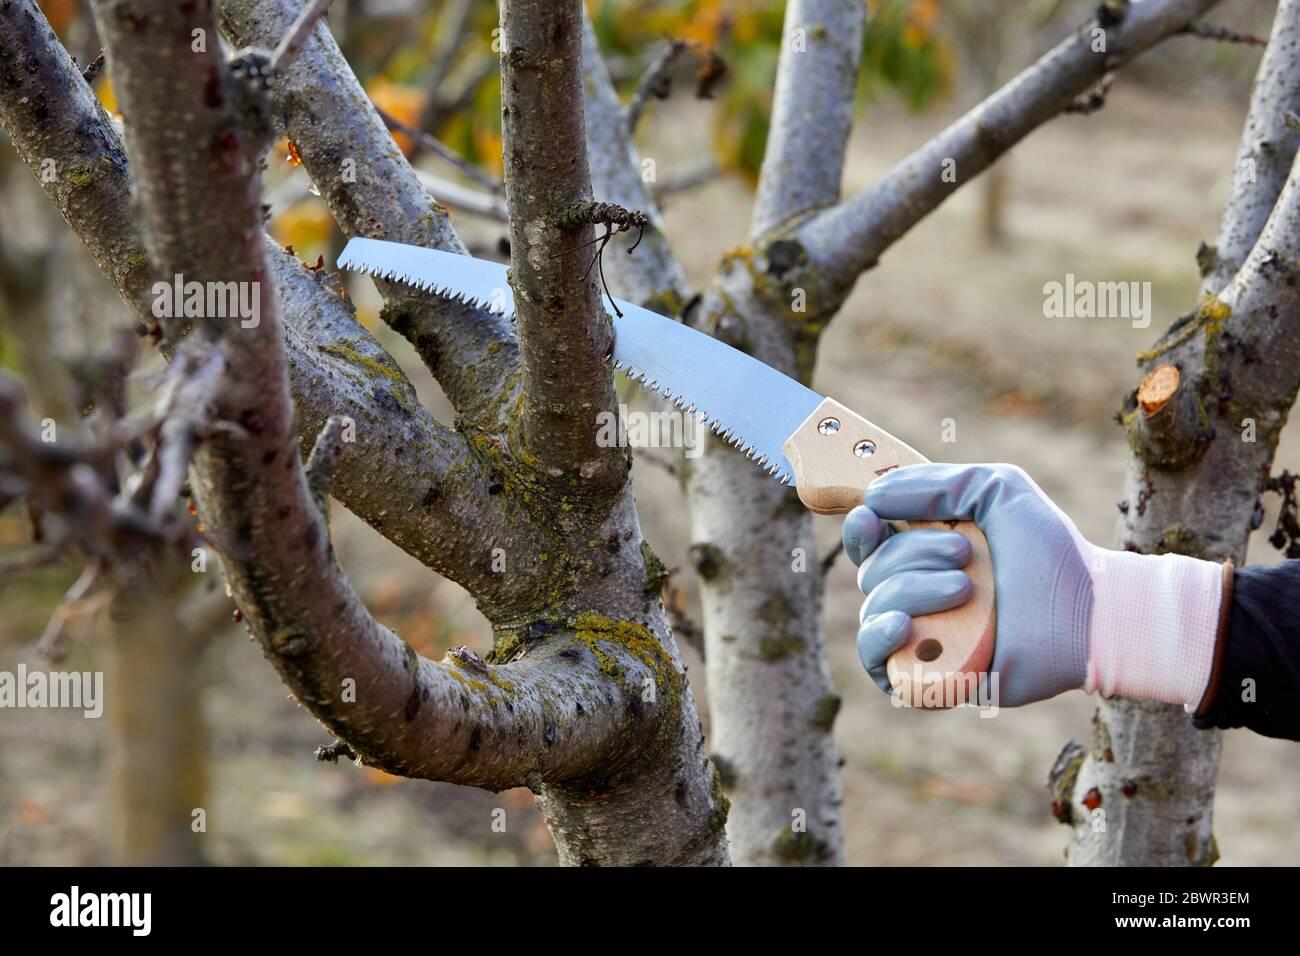 Agricultor podadora de árboles frutales con sierra de poda, campo Agropecuario, Calahorra, la Rioja, España, Europa Foto de stock